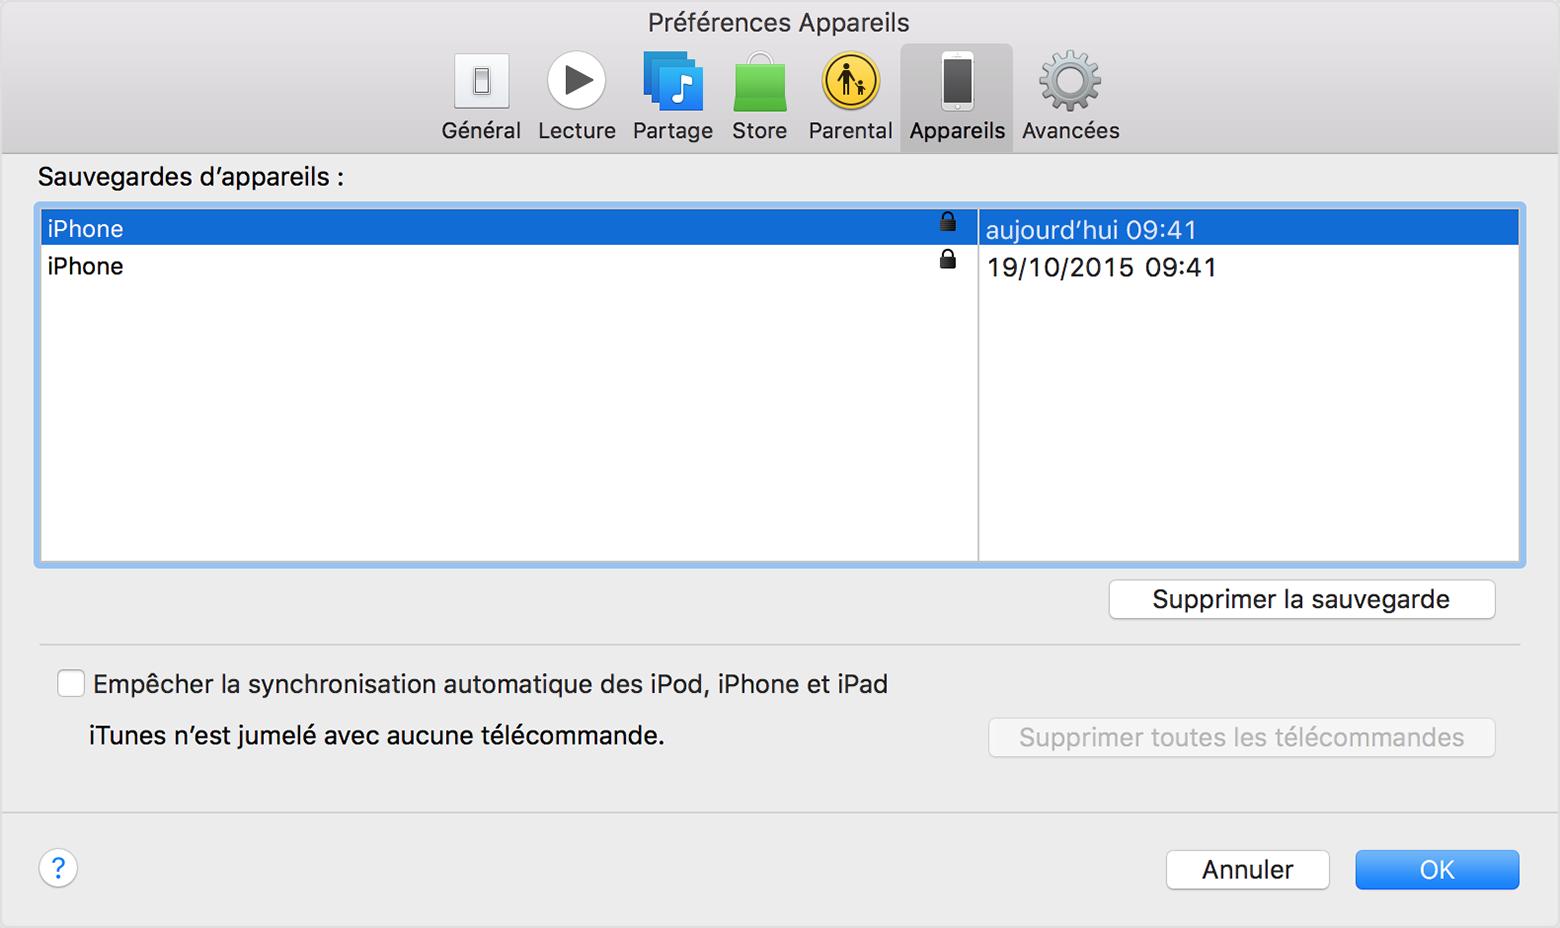 Lorsque on a oublié le mot de passe de sauvegarde cryptée de l'iPhone, et on ne se soutien de rien du mot de passe, on peut retrouver le mot de passe iTunes et entrer le mot de passe pour déverrouiller la sauvegarde cryptée iTunes.